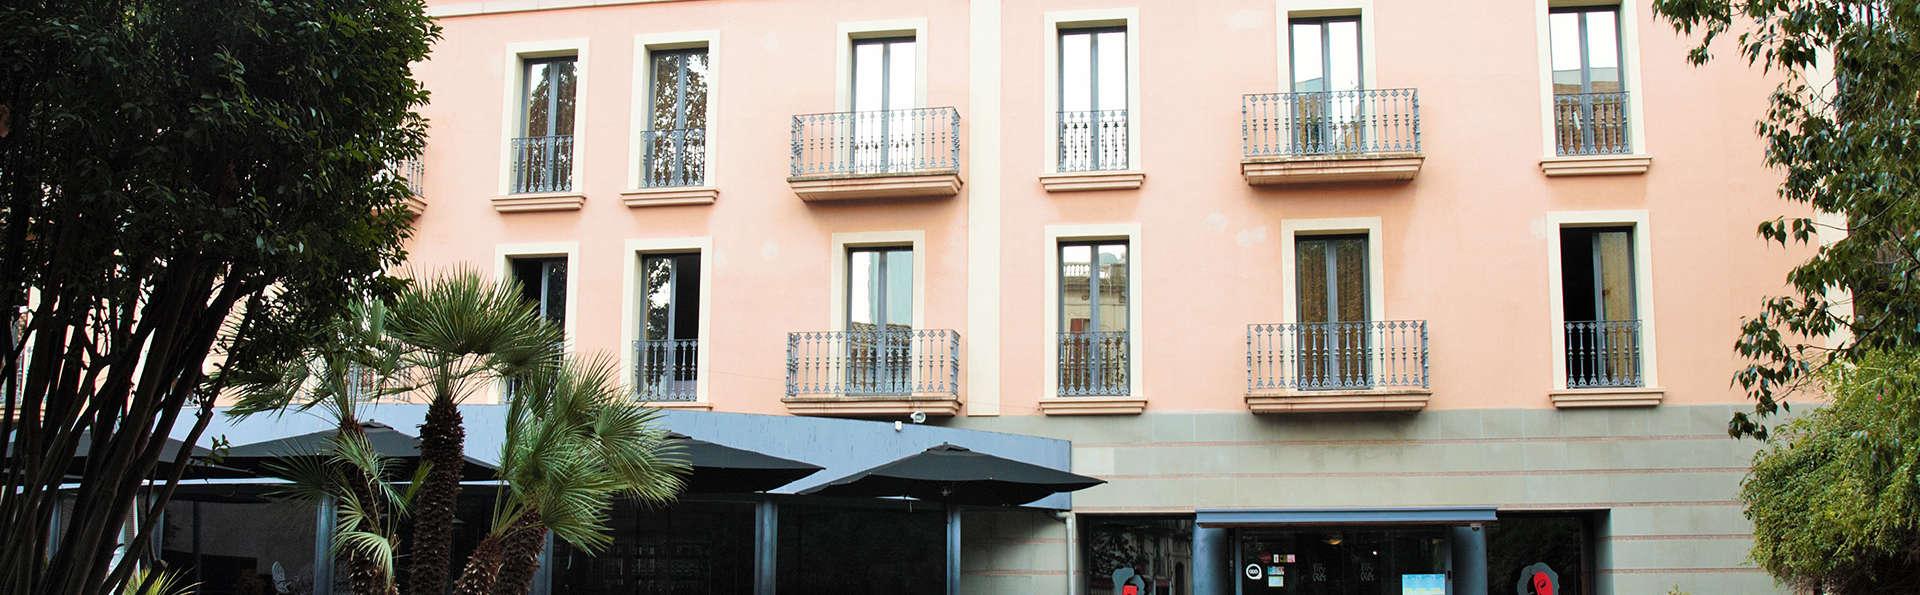 Balneario Vila de Caldes - Edit_Front2.jpg